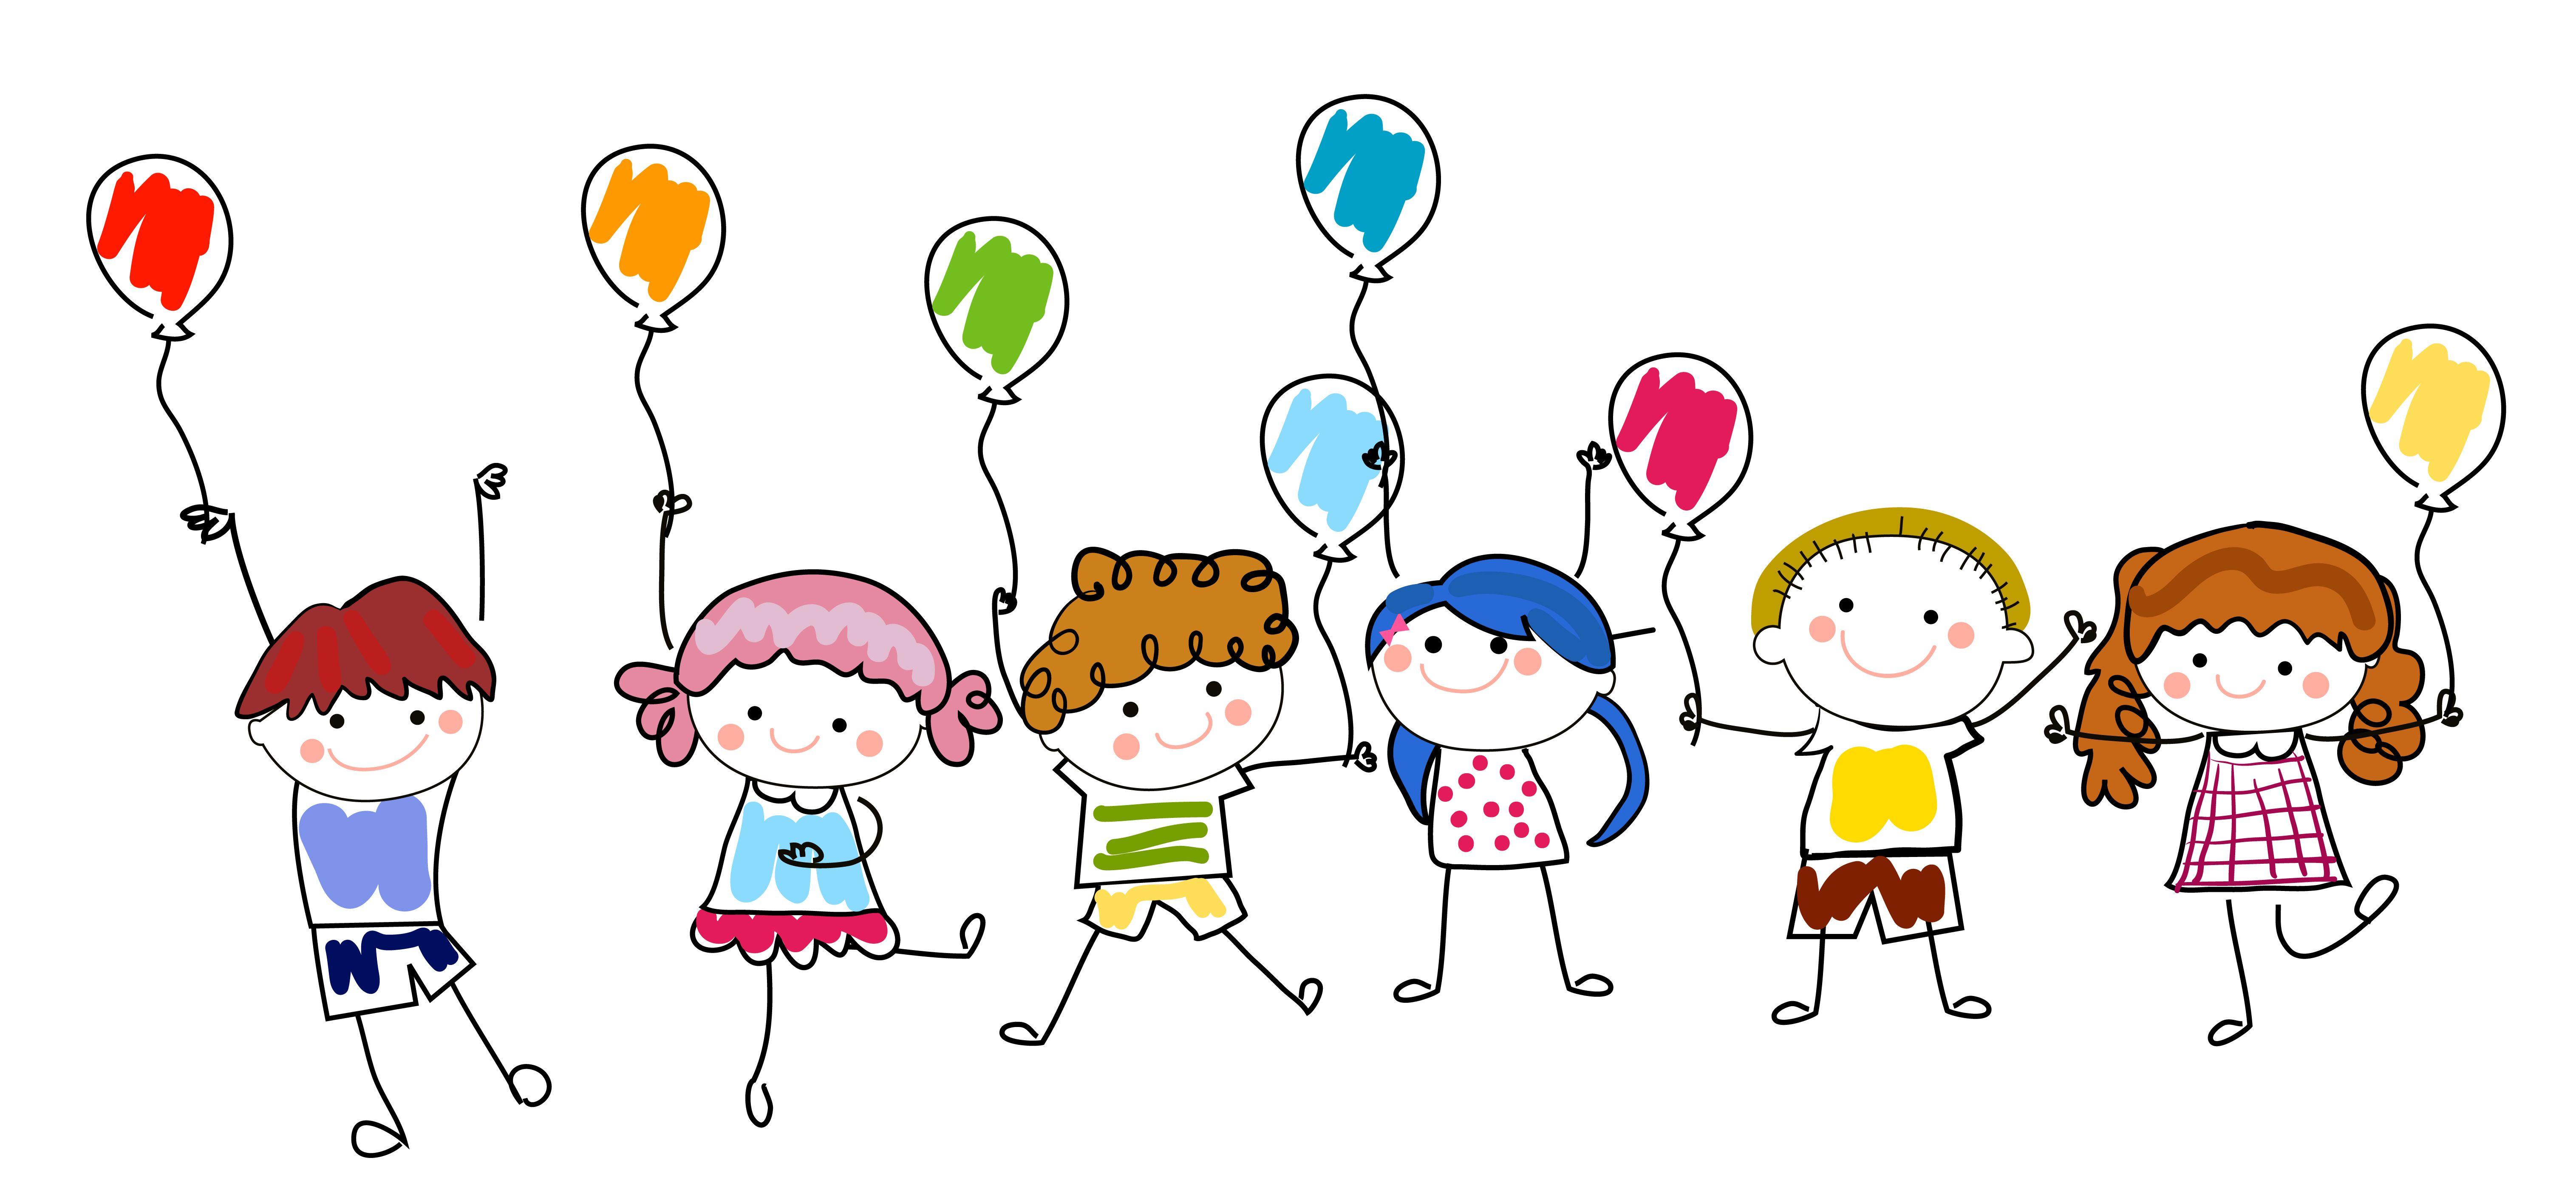 Kindergarten Wallpapers High Quality Download 6062x2830